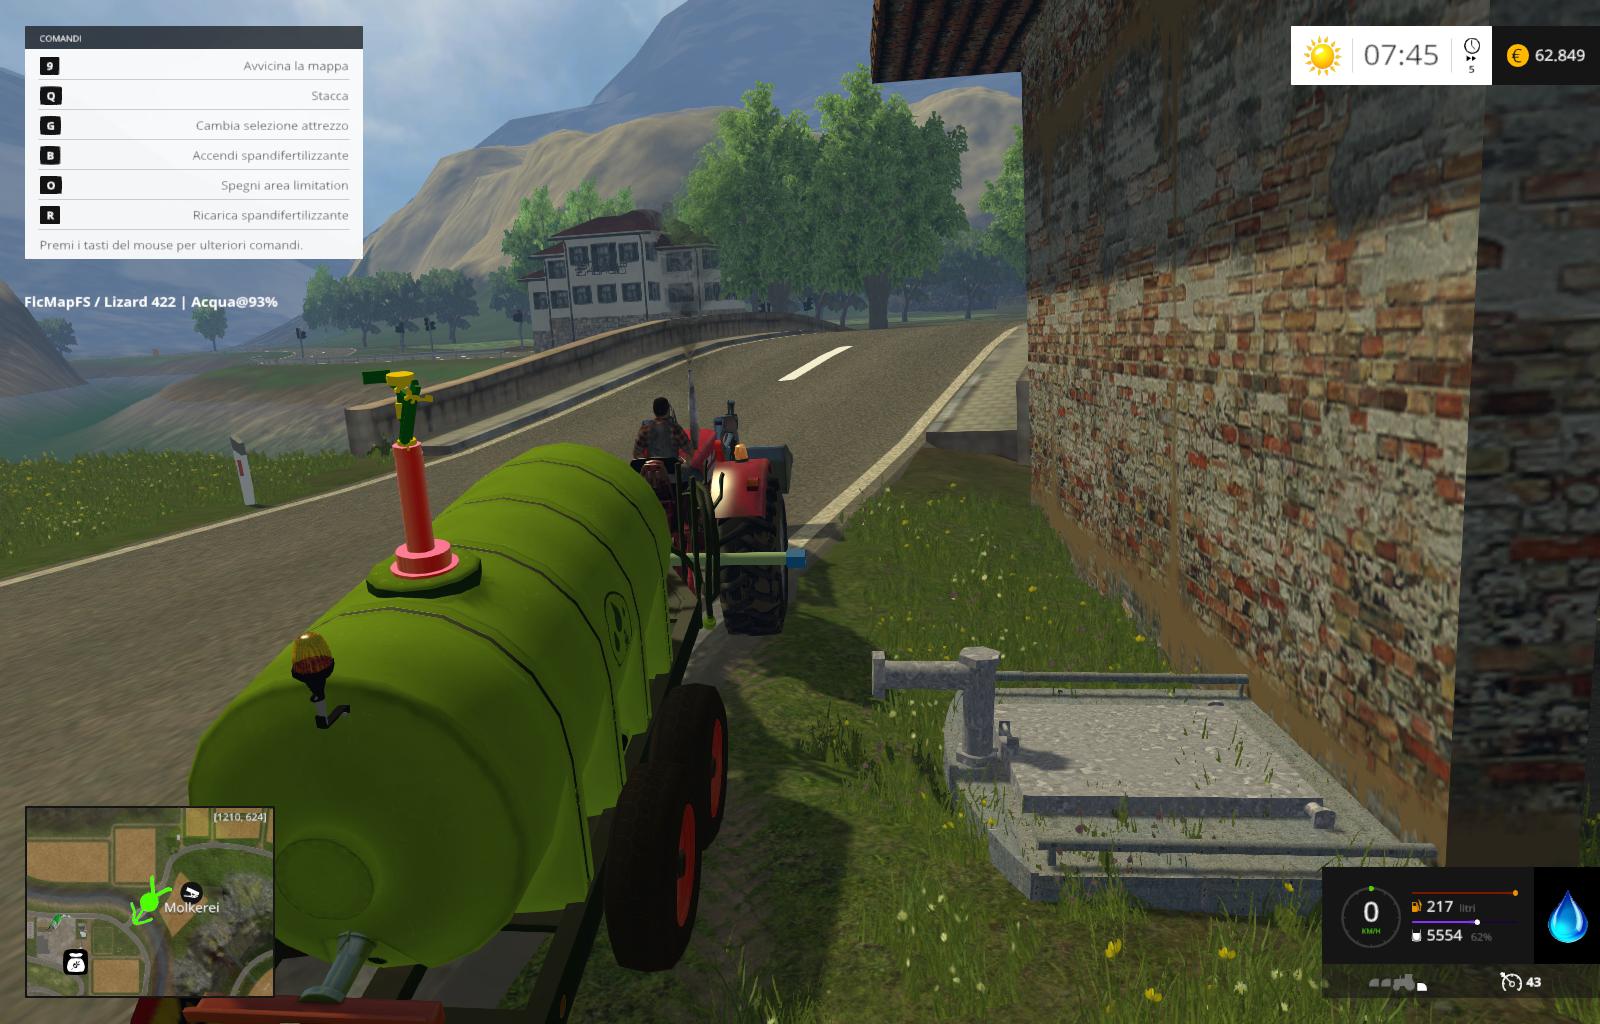 Water_Trailer_Cannone Updates 4 0 Multi Color - Farming simulator